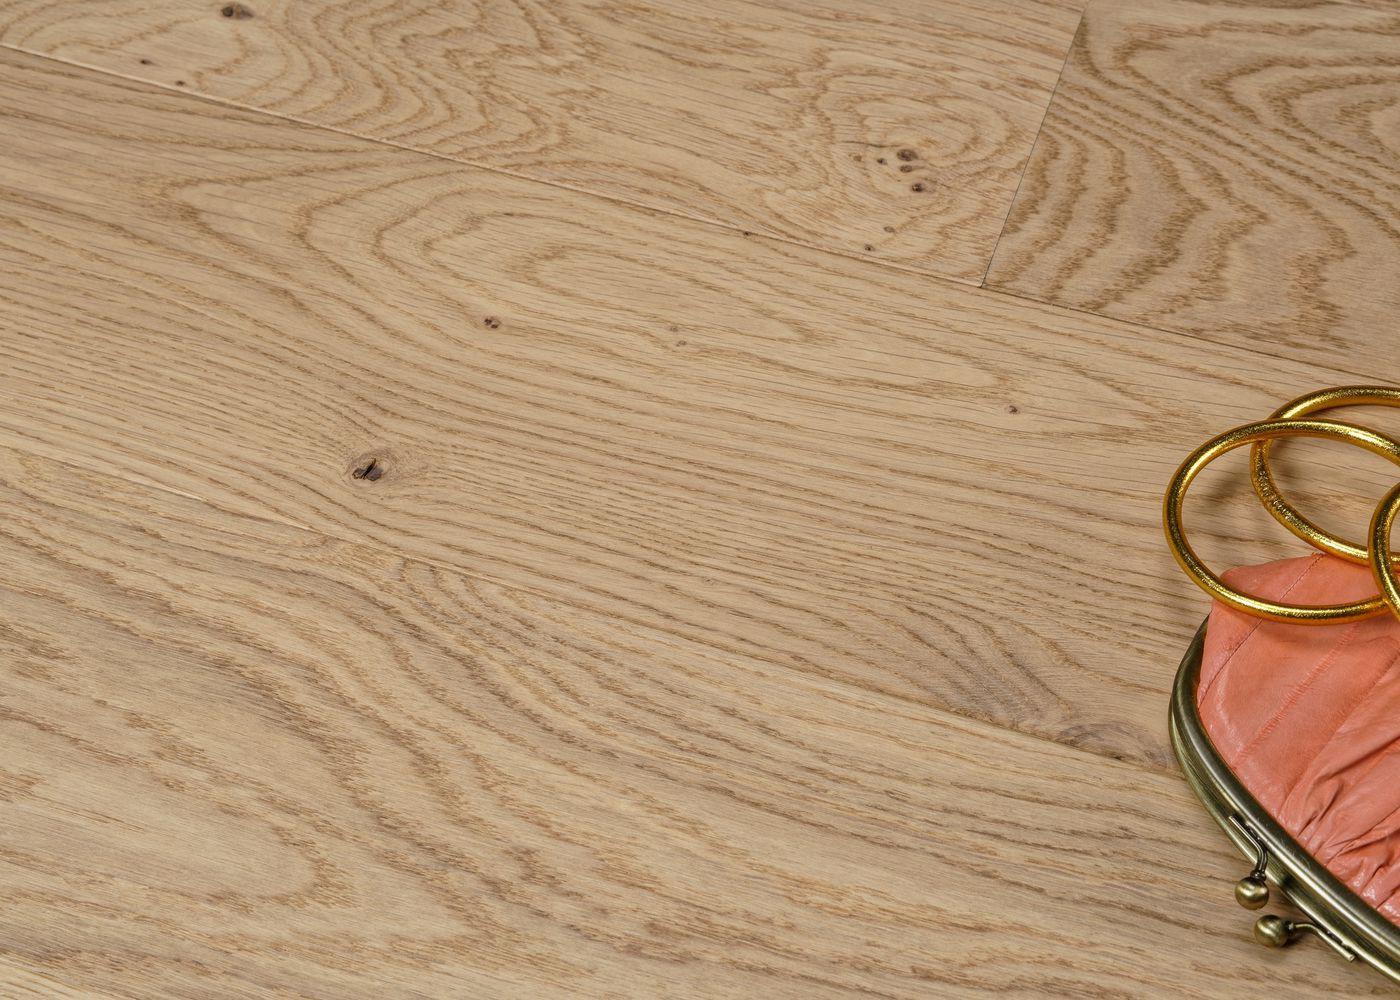 Parquet chêne contrecollé PALAIS ROYAL brossé vernis mat Elégance 14x184x1700